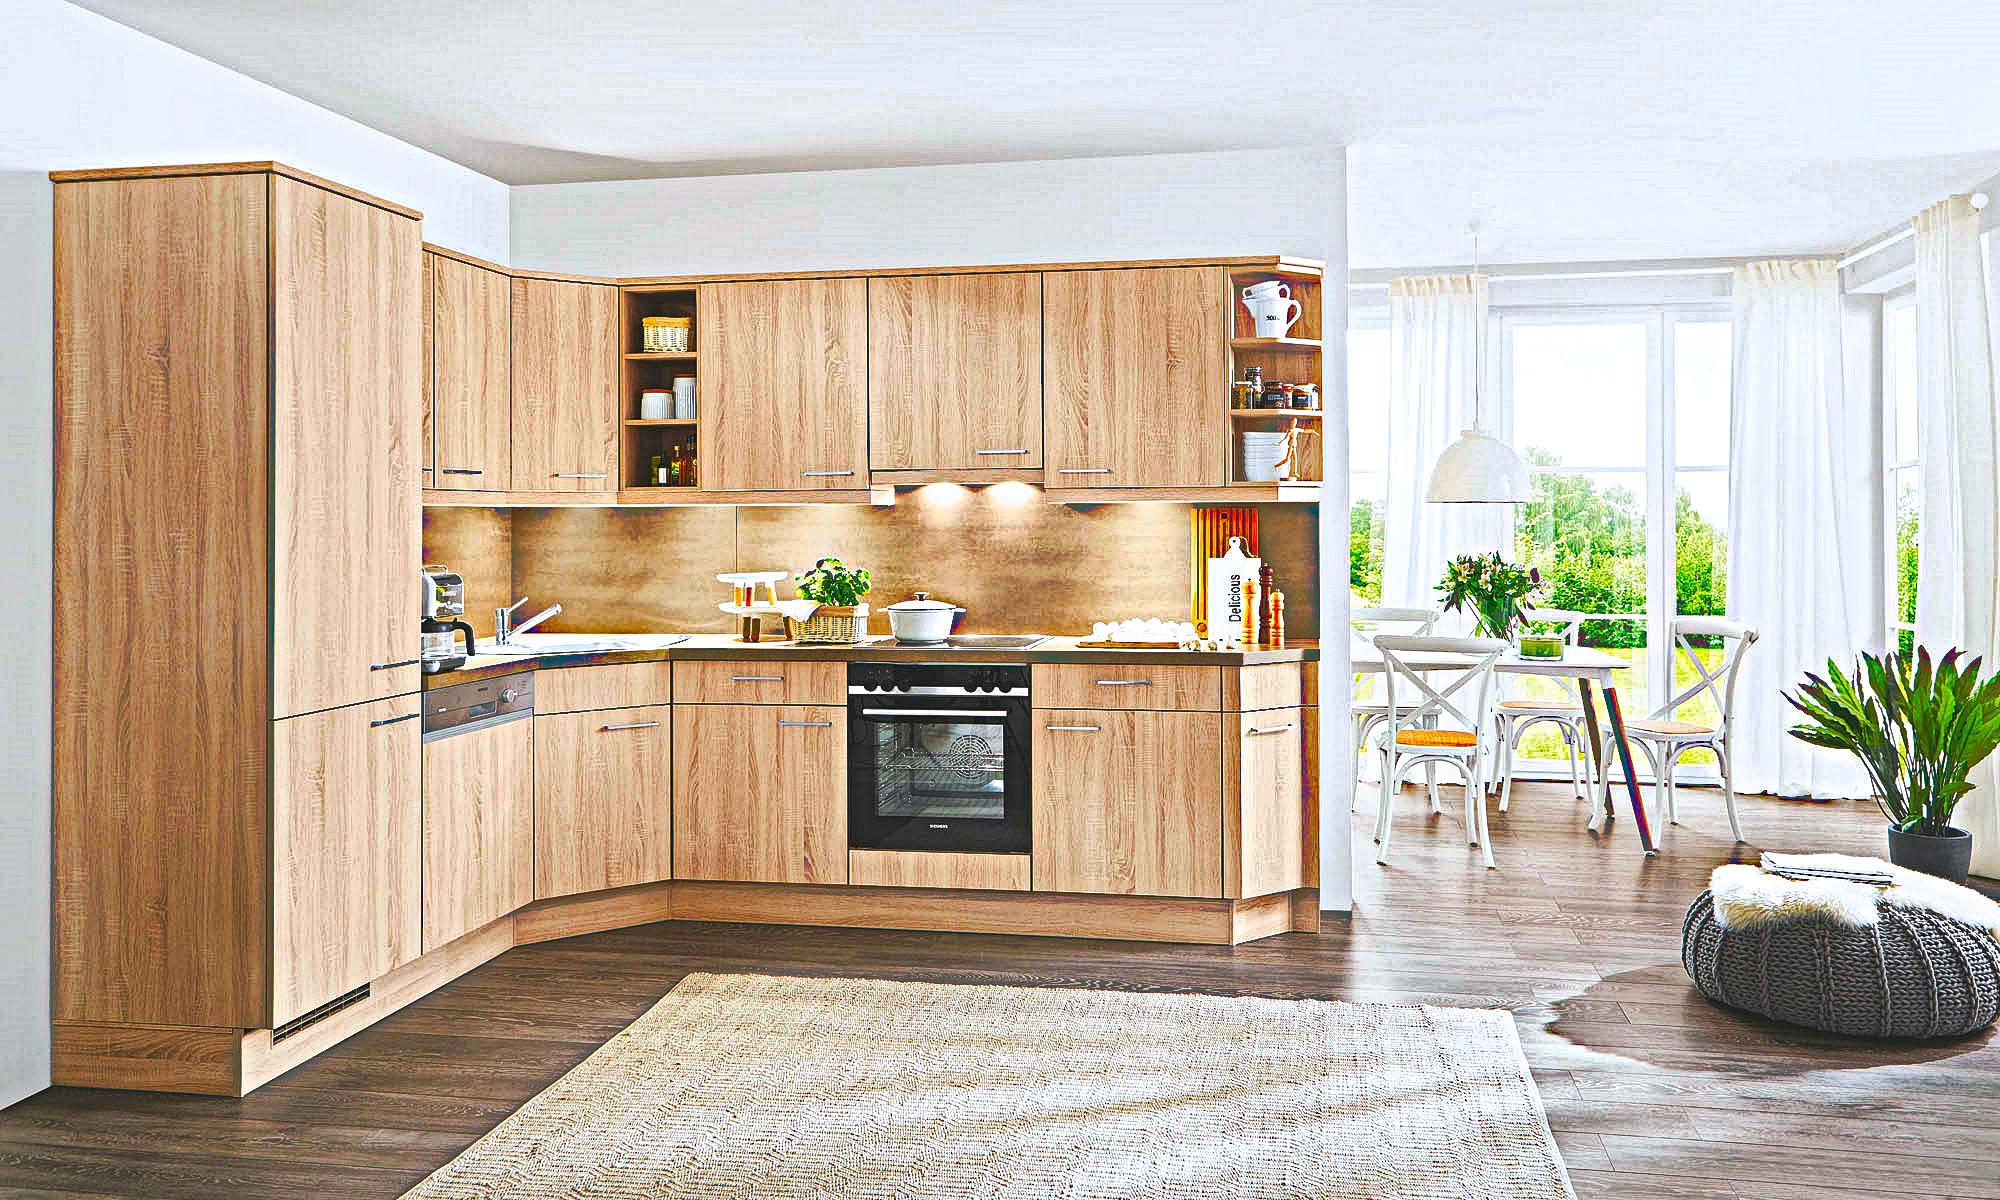 Full Size of Holzküchen Kleine Holz Kche Preiswert Kaufen Kchen Lieferbar Ab 10 Tagen Wohnzimmer Holzküchen